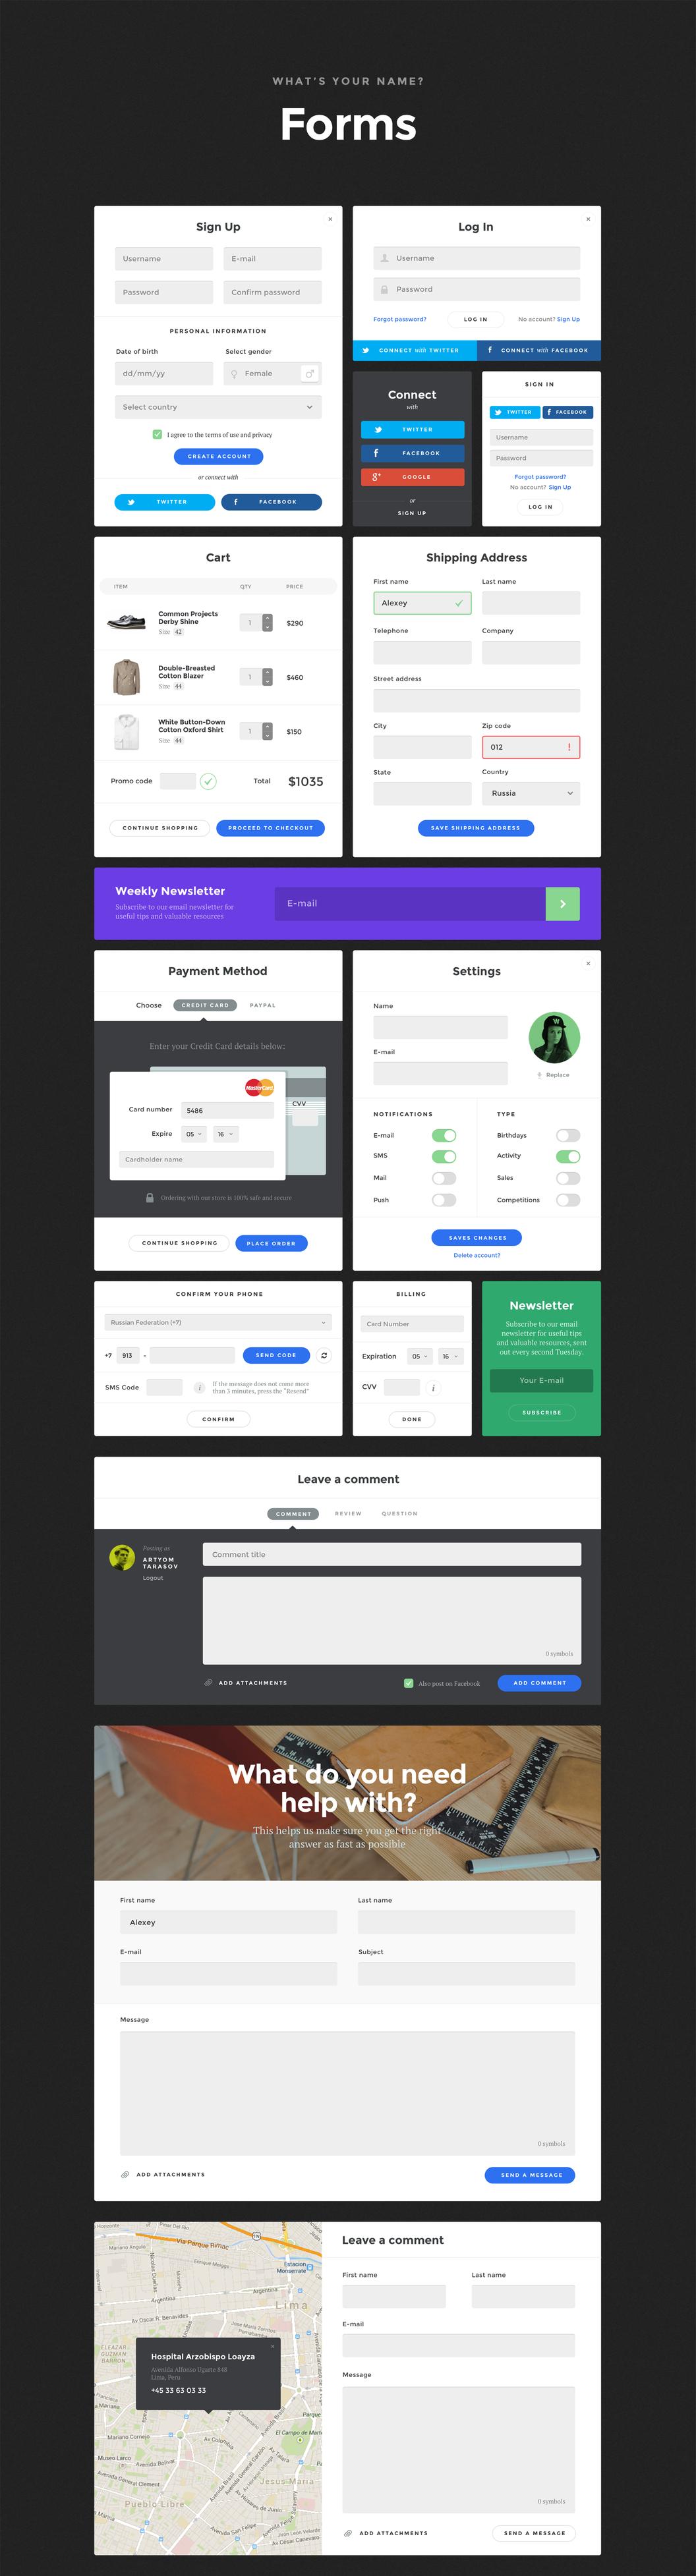 web ui design tools  - full_Forms_1421784251637